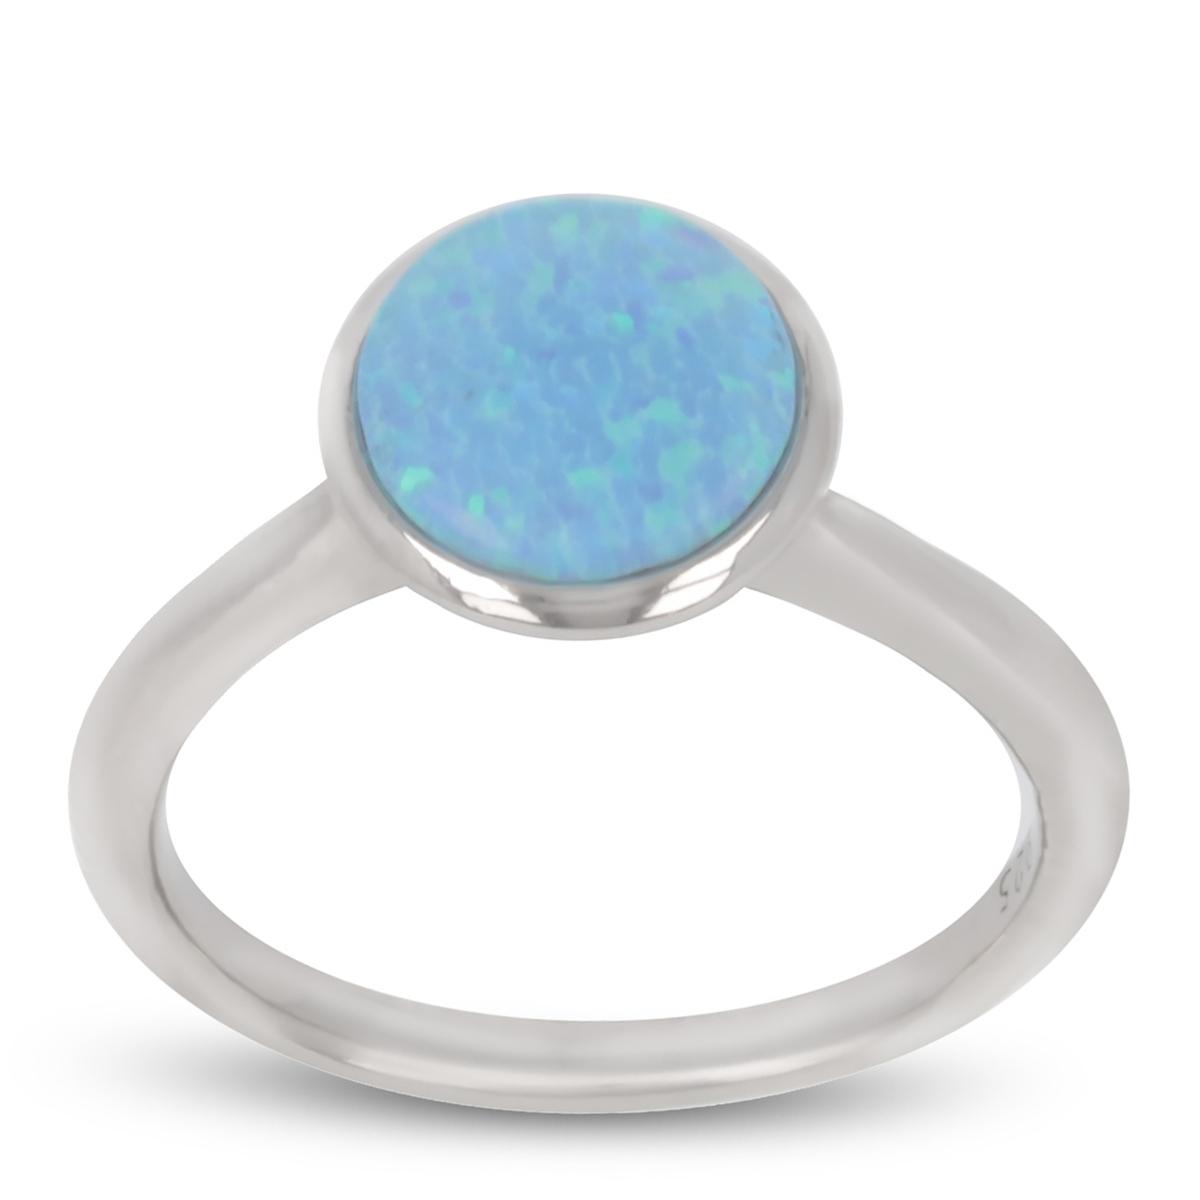 Bague Argent \'Déesse Opale\' bleu argenté (rhodié) - 9 mm - [R1943]